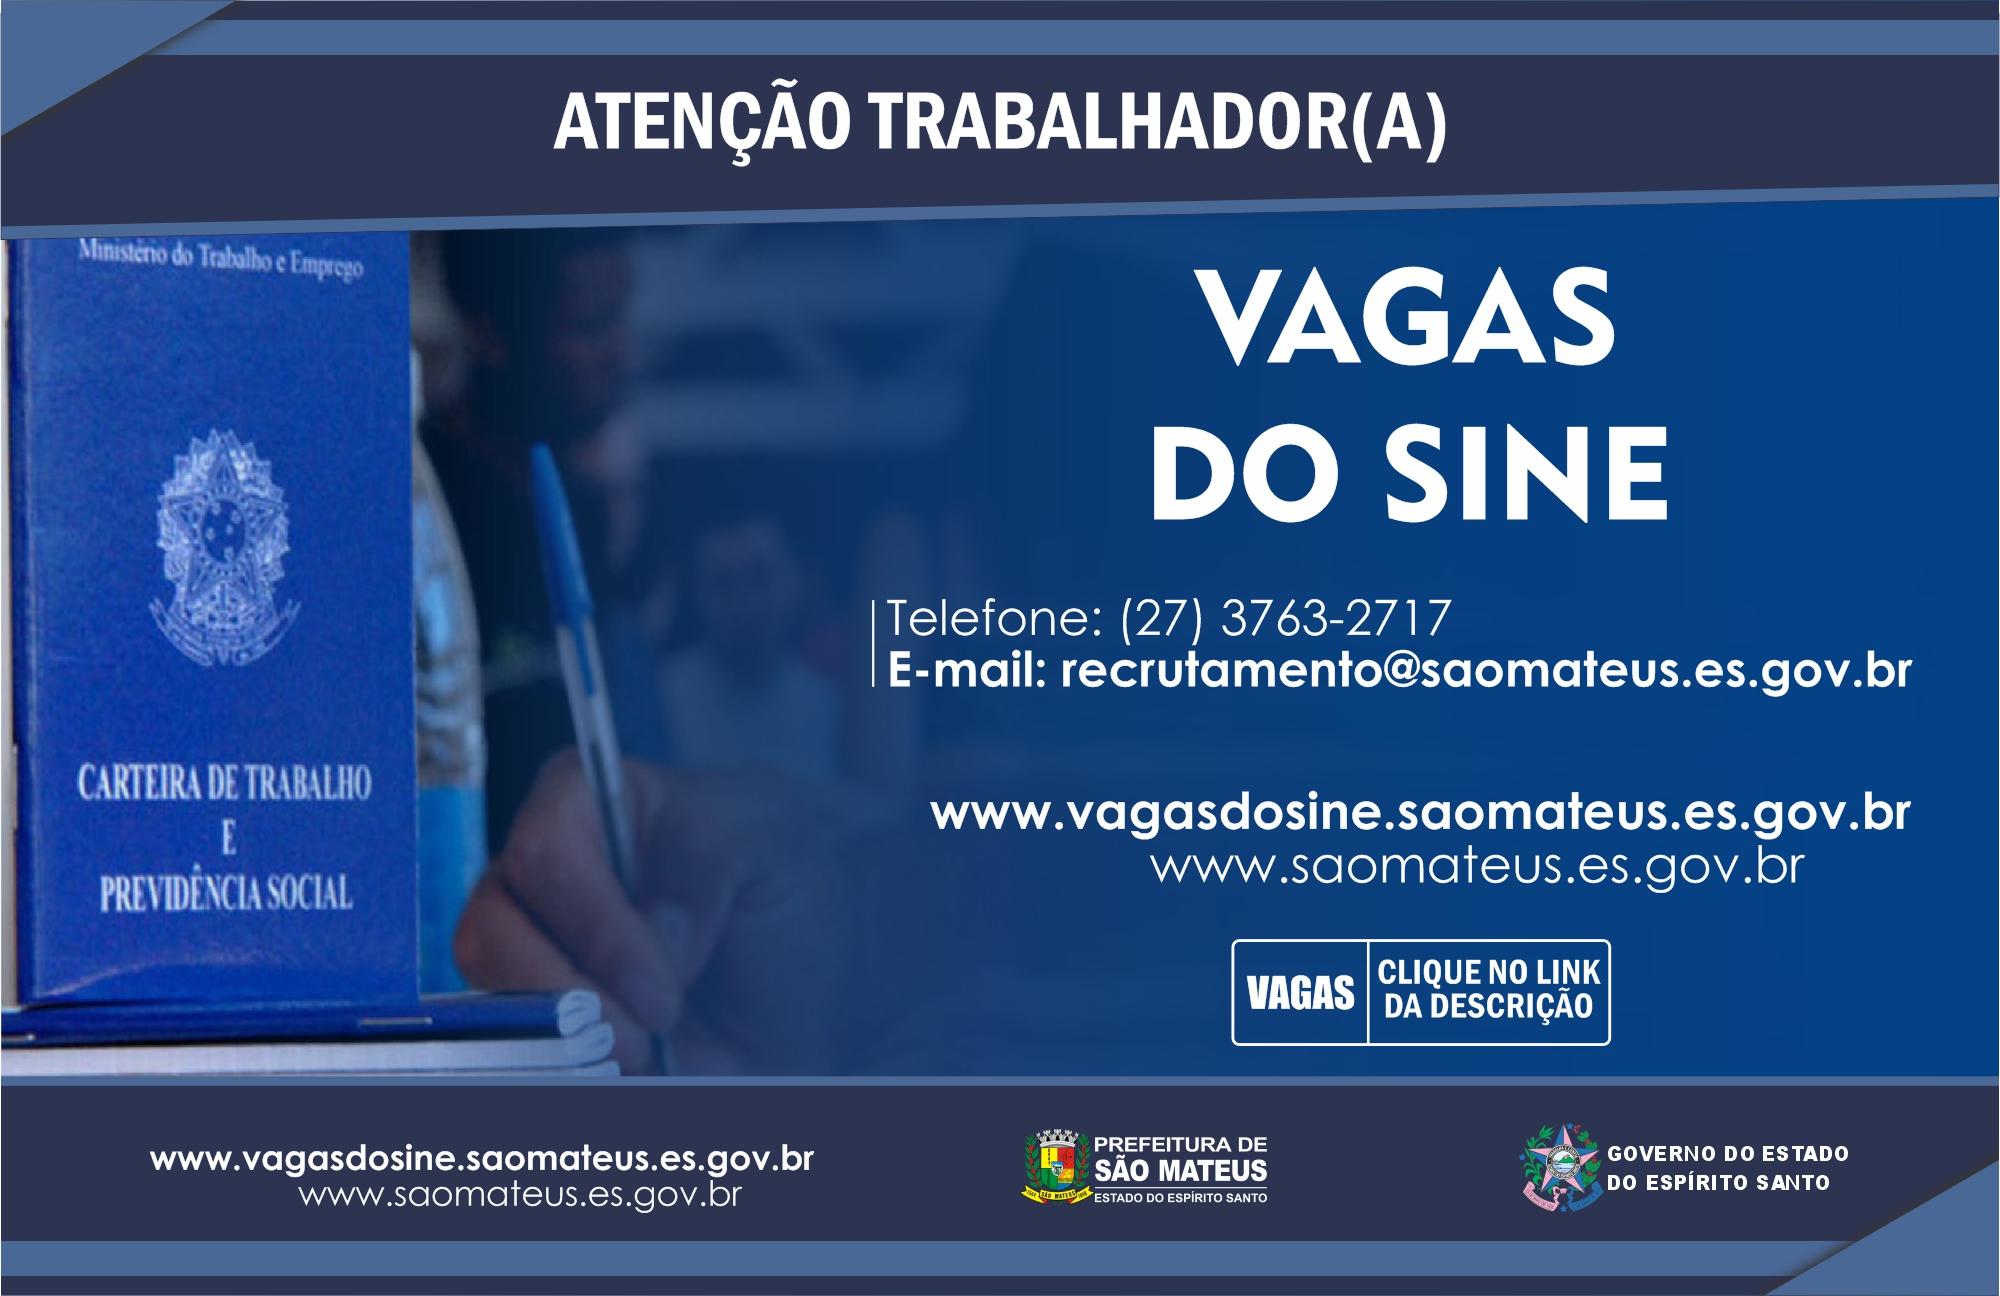 CONFIRA AS VAGAS DO SINE DE SÃO MATEUS DESSA QUINTA-FEIRA (20/05)